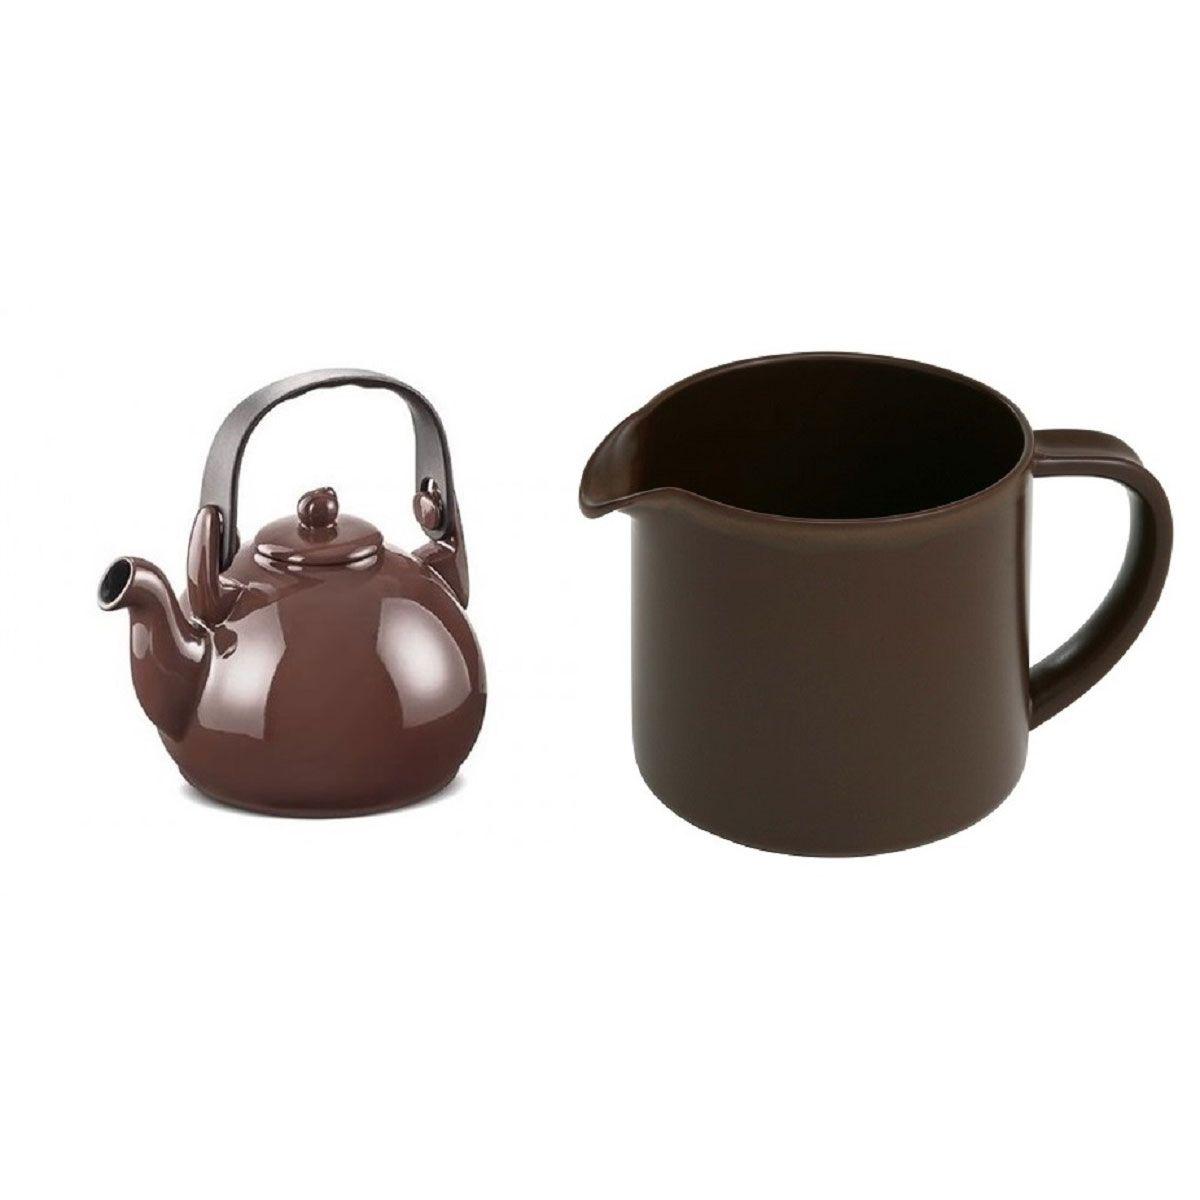 Kit Chaleira Colonial e Fervedor Ceraflame Marrom Chocolate